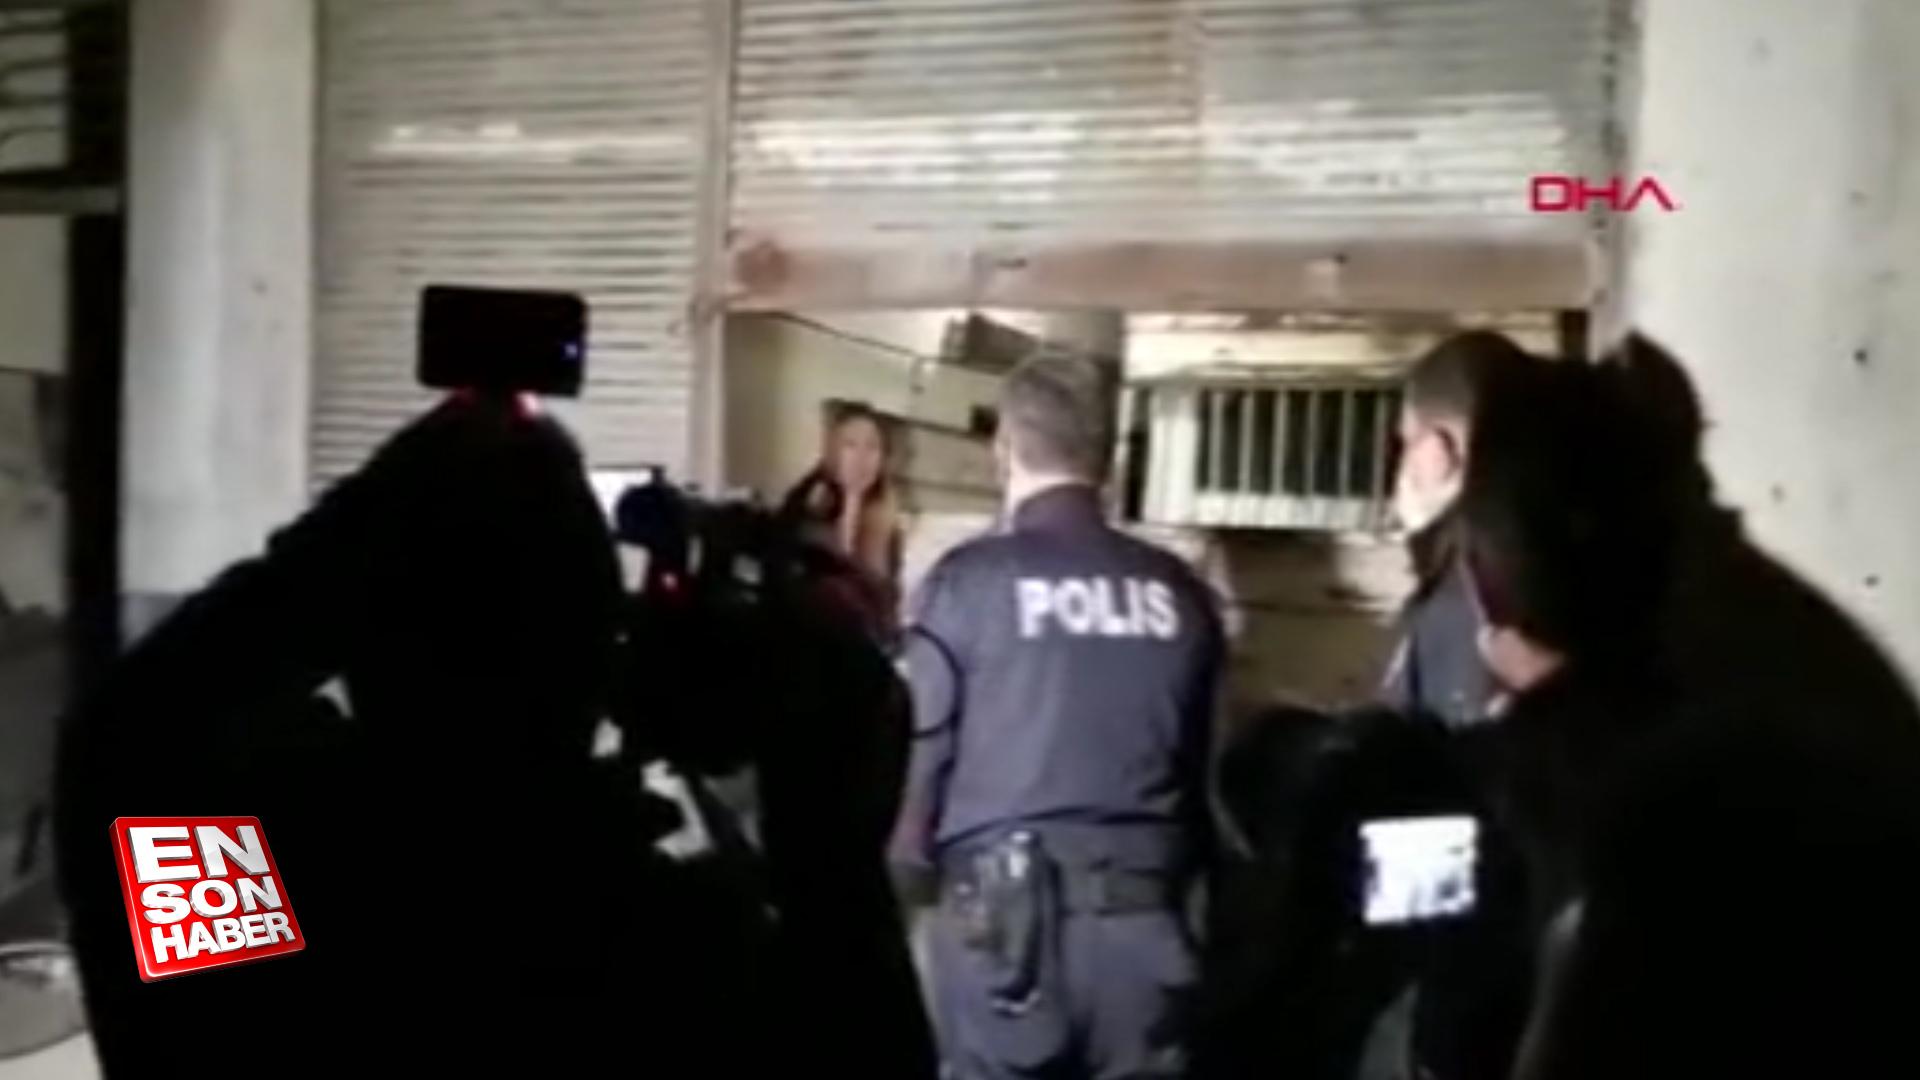 Denizli'de eski eşinin alıkoyduğu bayanı polisler kurtardı